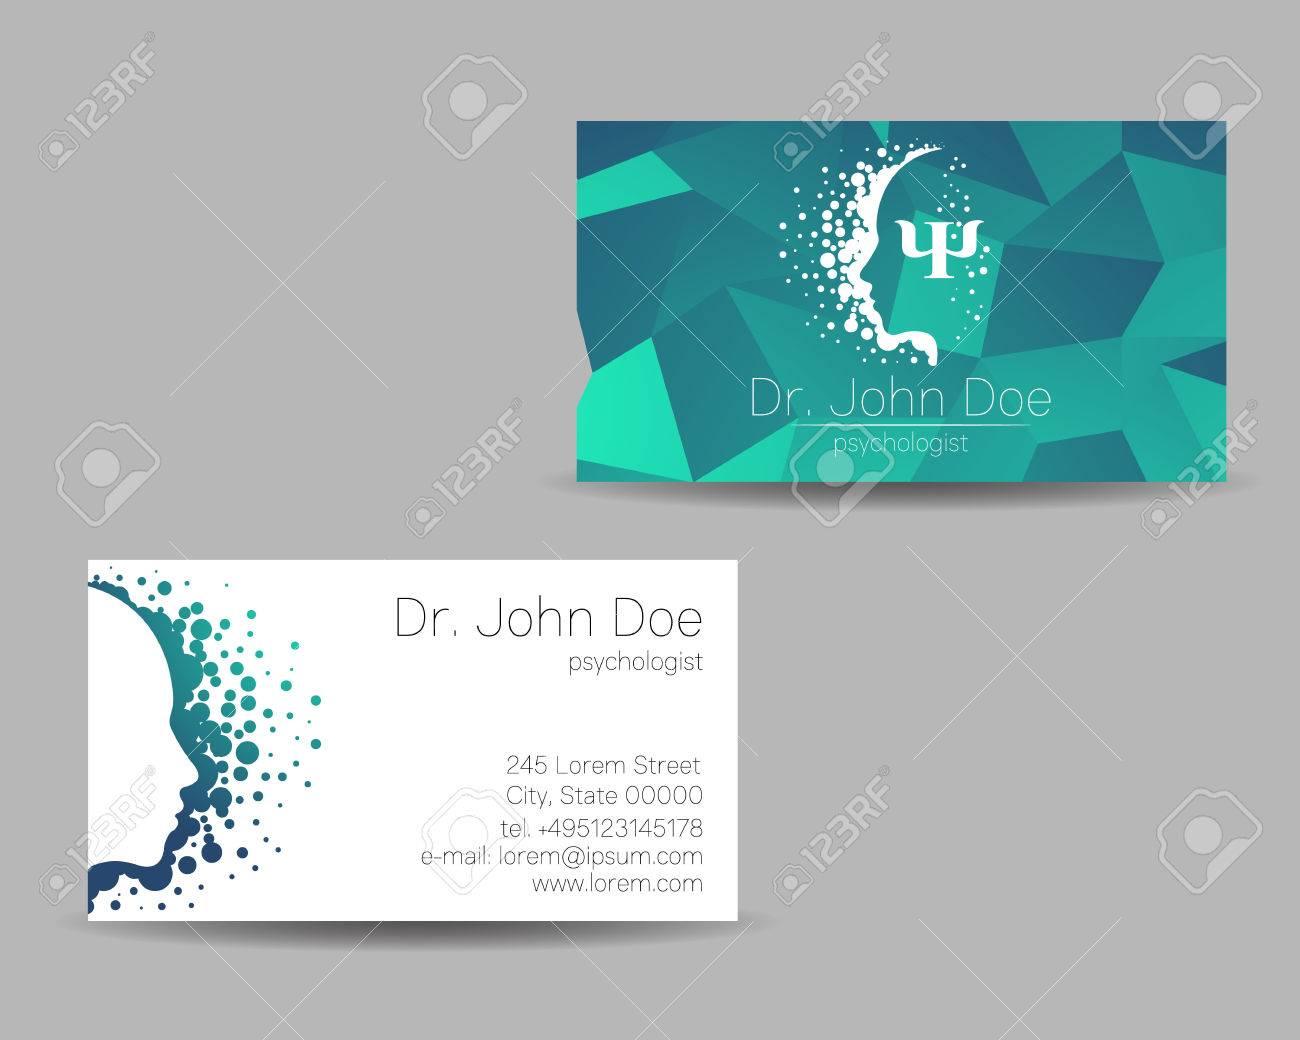 Carte De Visite Vecteur Psychologie Signe Moderne Style Creatif Concept Design Societe Marque Couleur Bleue Greeb Isolee Sur Fond Gris